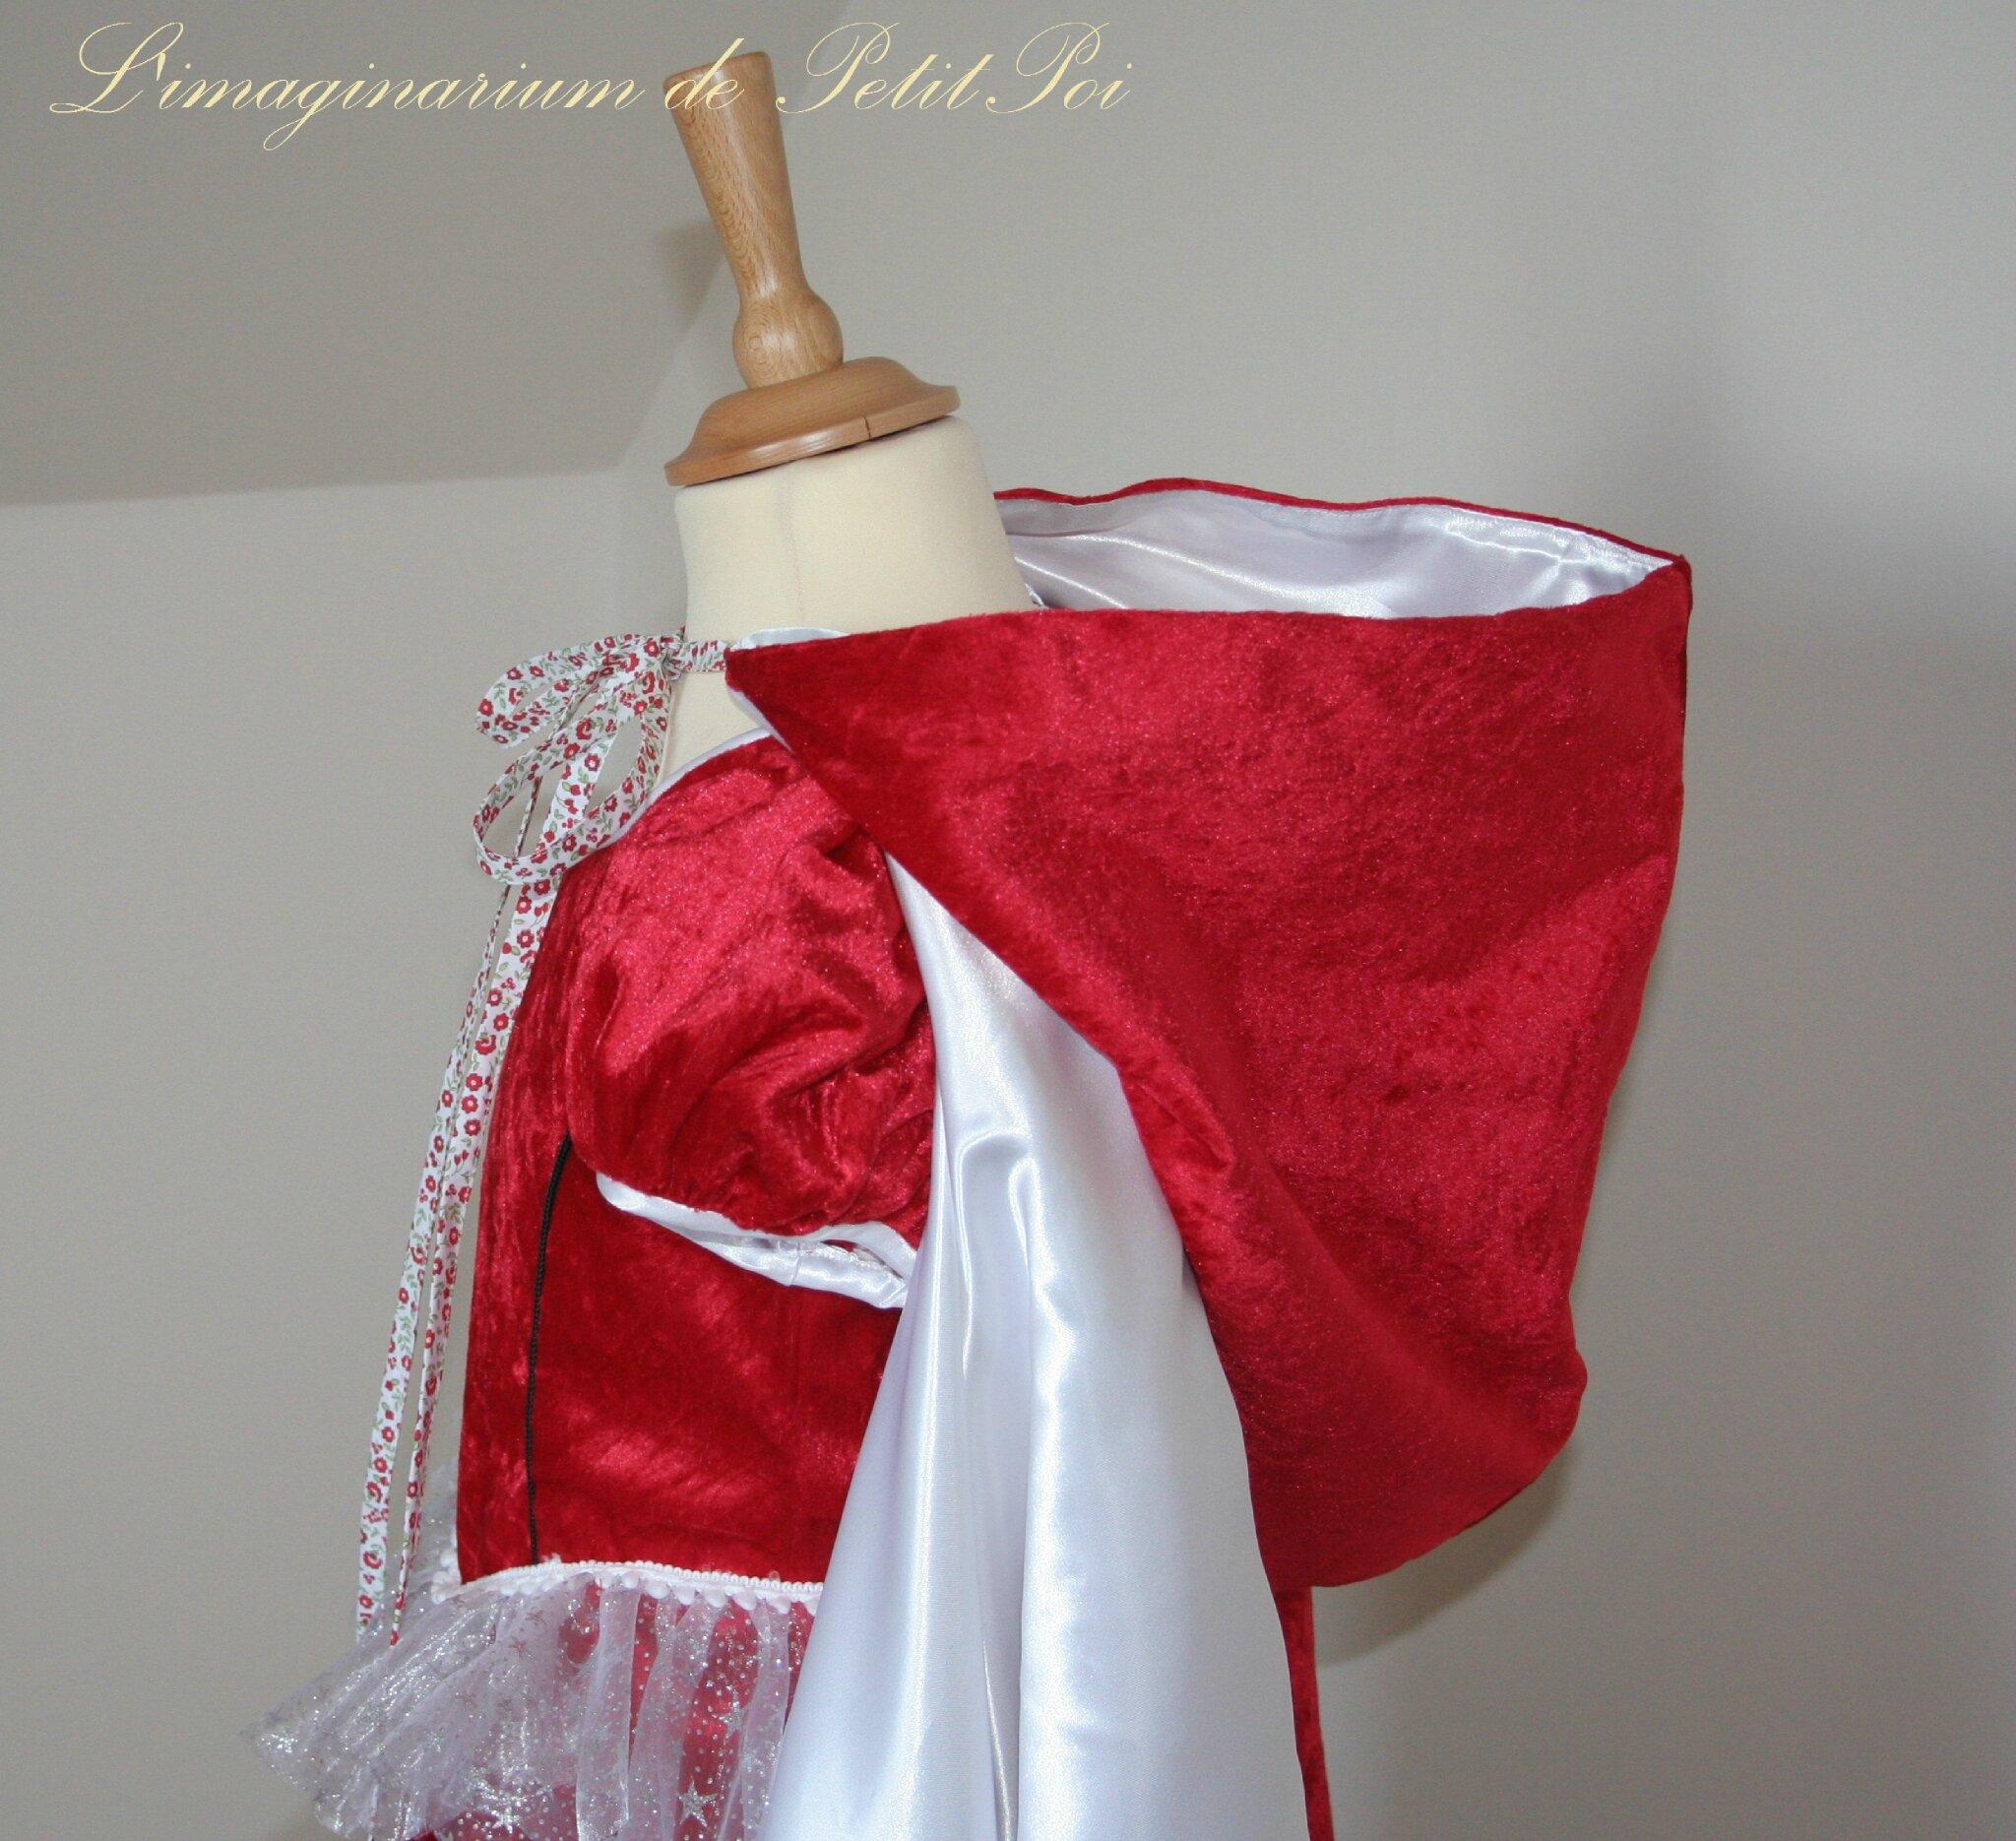 Cape médiévale à grande capuche et robe renaissance - L'imaginarium de PetitPoi